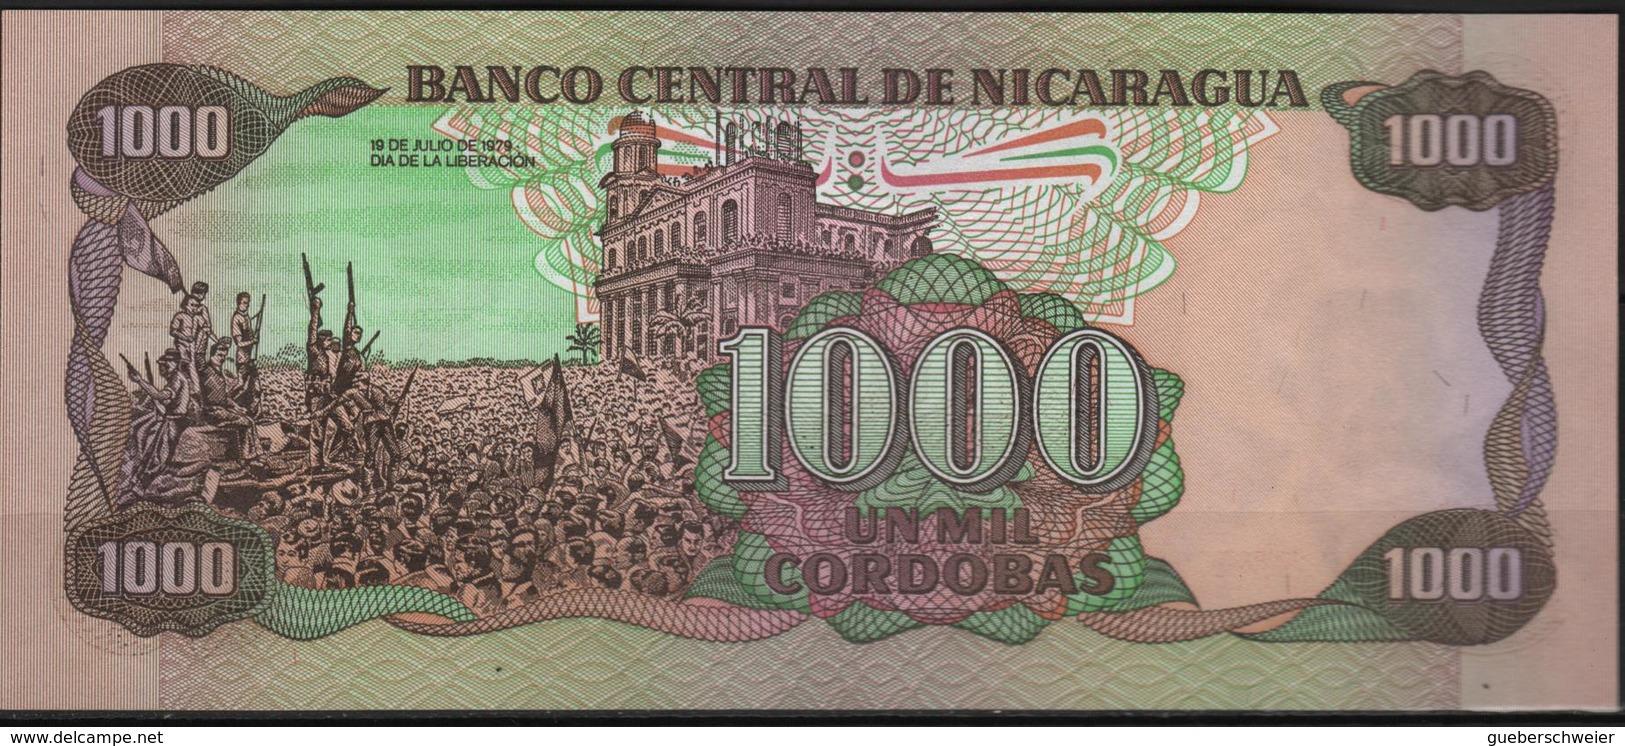 B 92 - NICARAGUA Billet De 1000 Cordobas état Neuf - Nicaragua